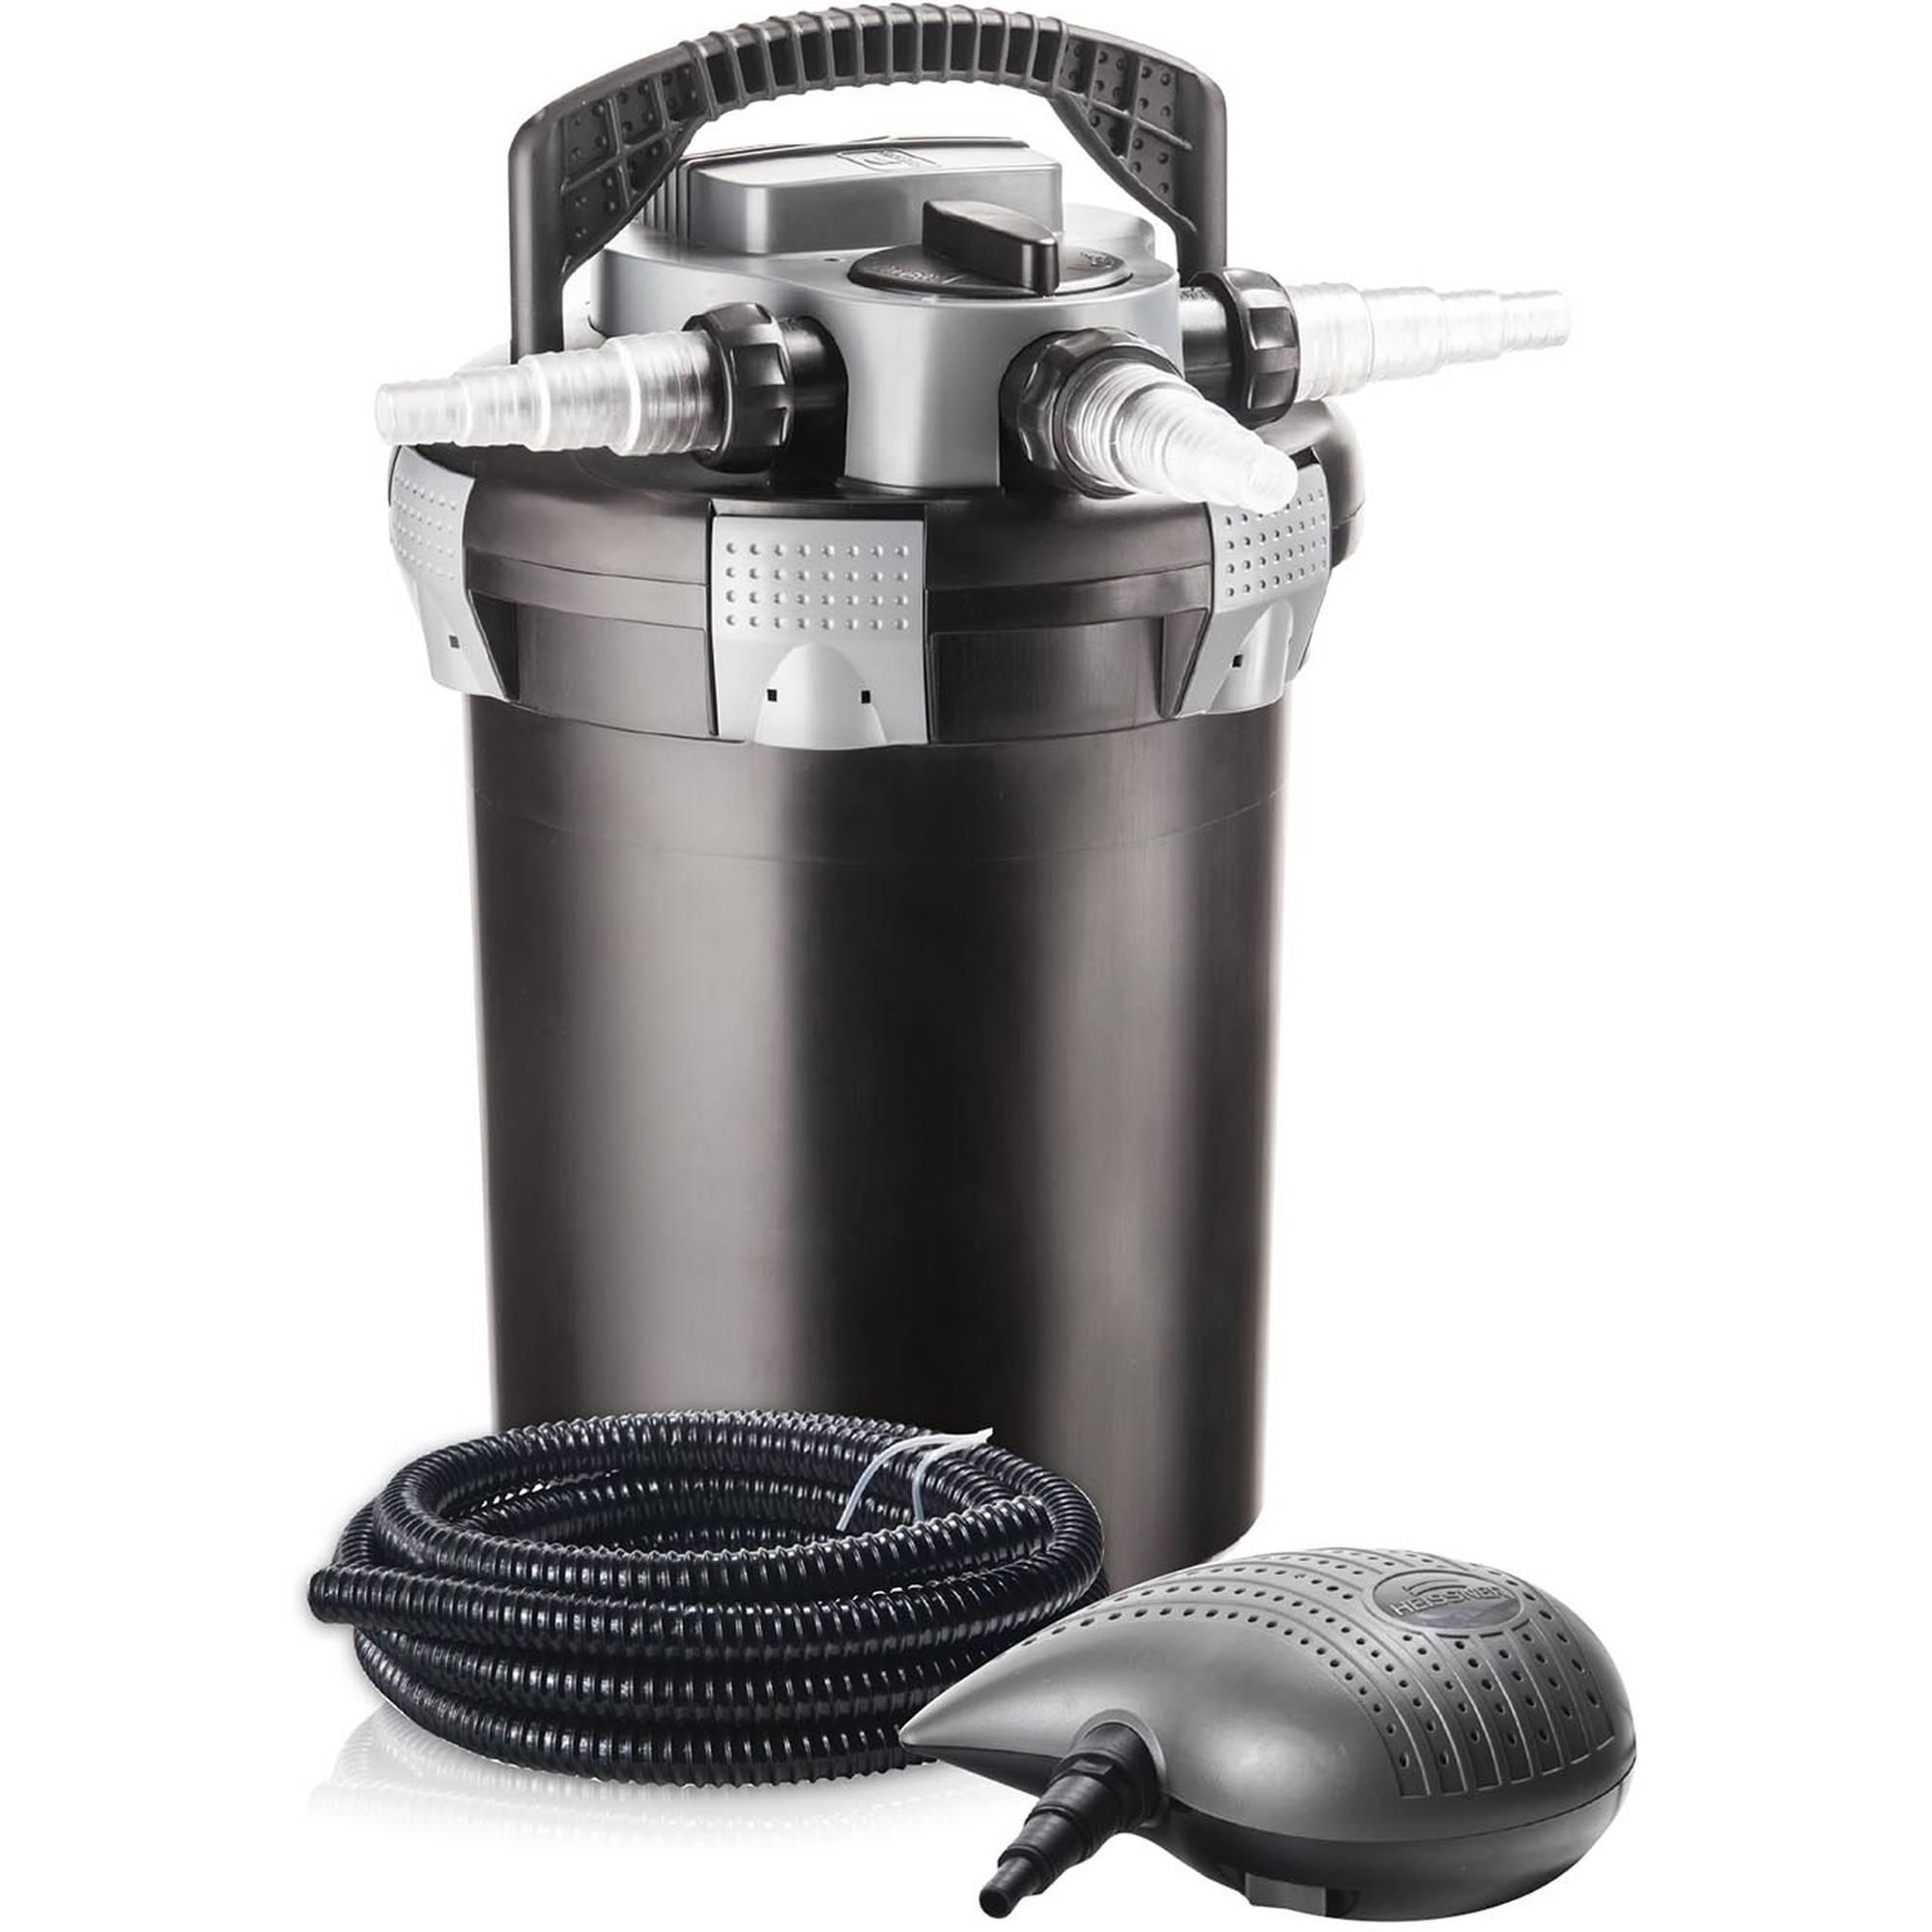 Druckfilter-Set mit Pumpe P4100 und UVC